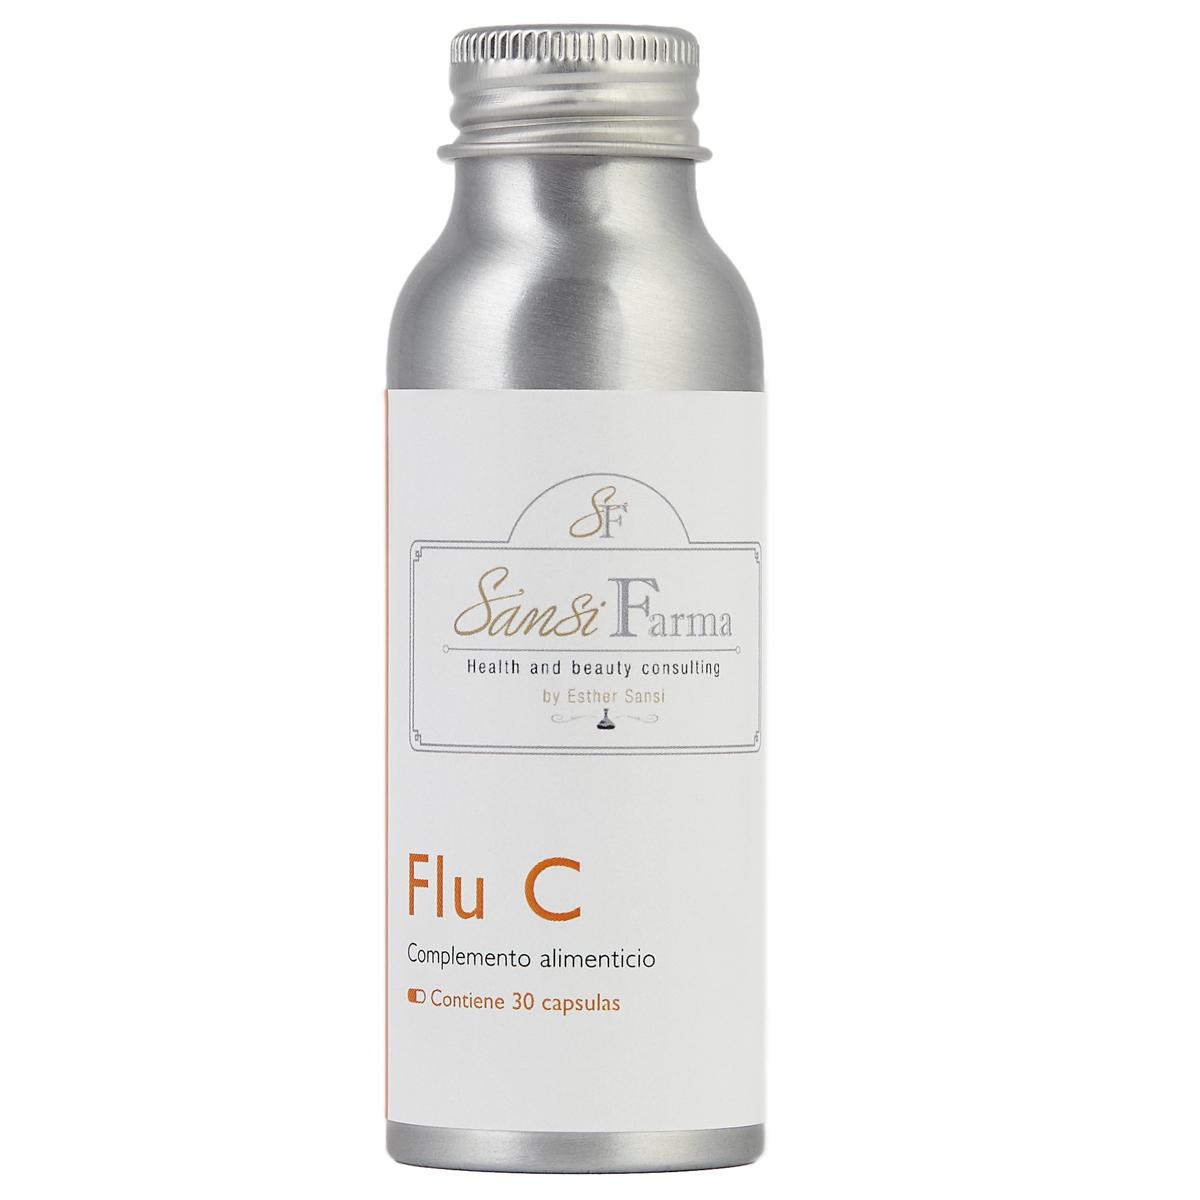 Nutricéutico Flu C de Esther Sansi (19,50 euros) para prevenir y aliviar procesos gripales víricos y catarrales con acetilcisteína, zinc, sauce y propóleo.